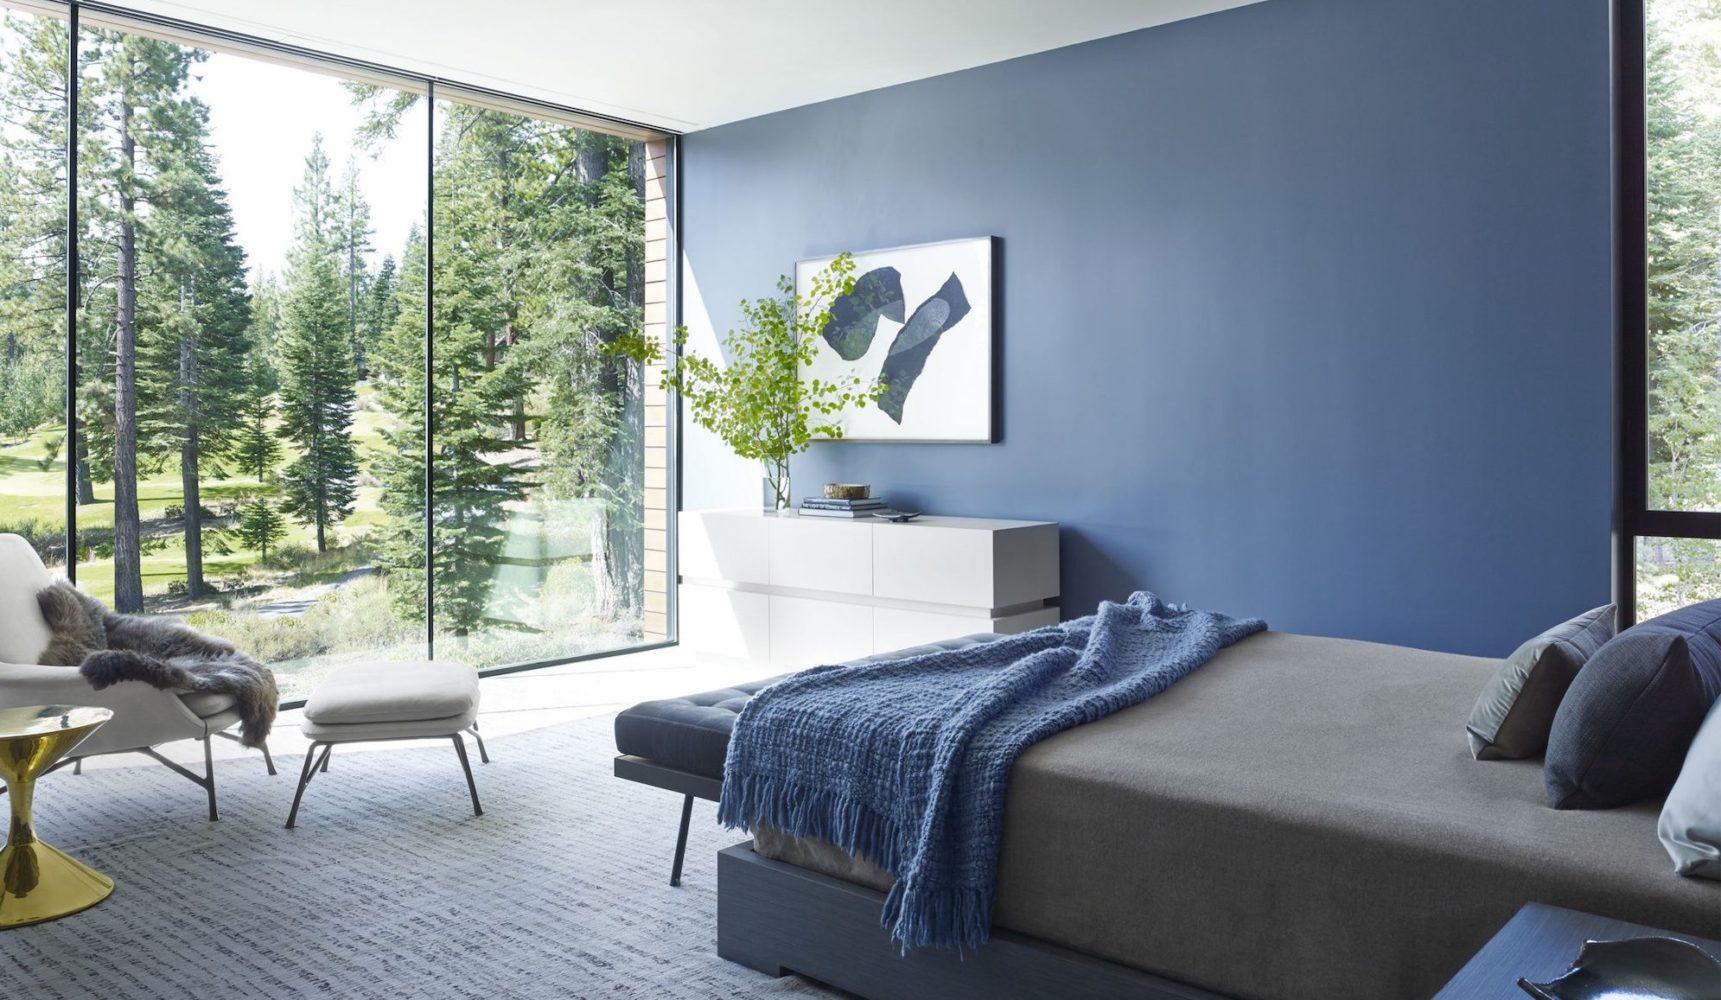 Blue bedroom renovation - Taskmasters